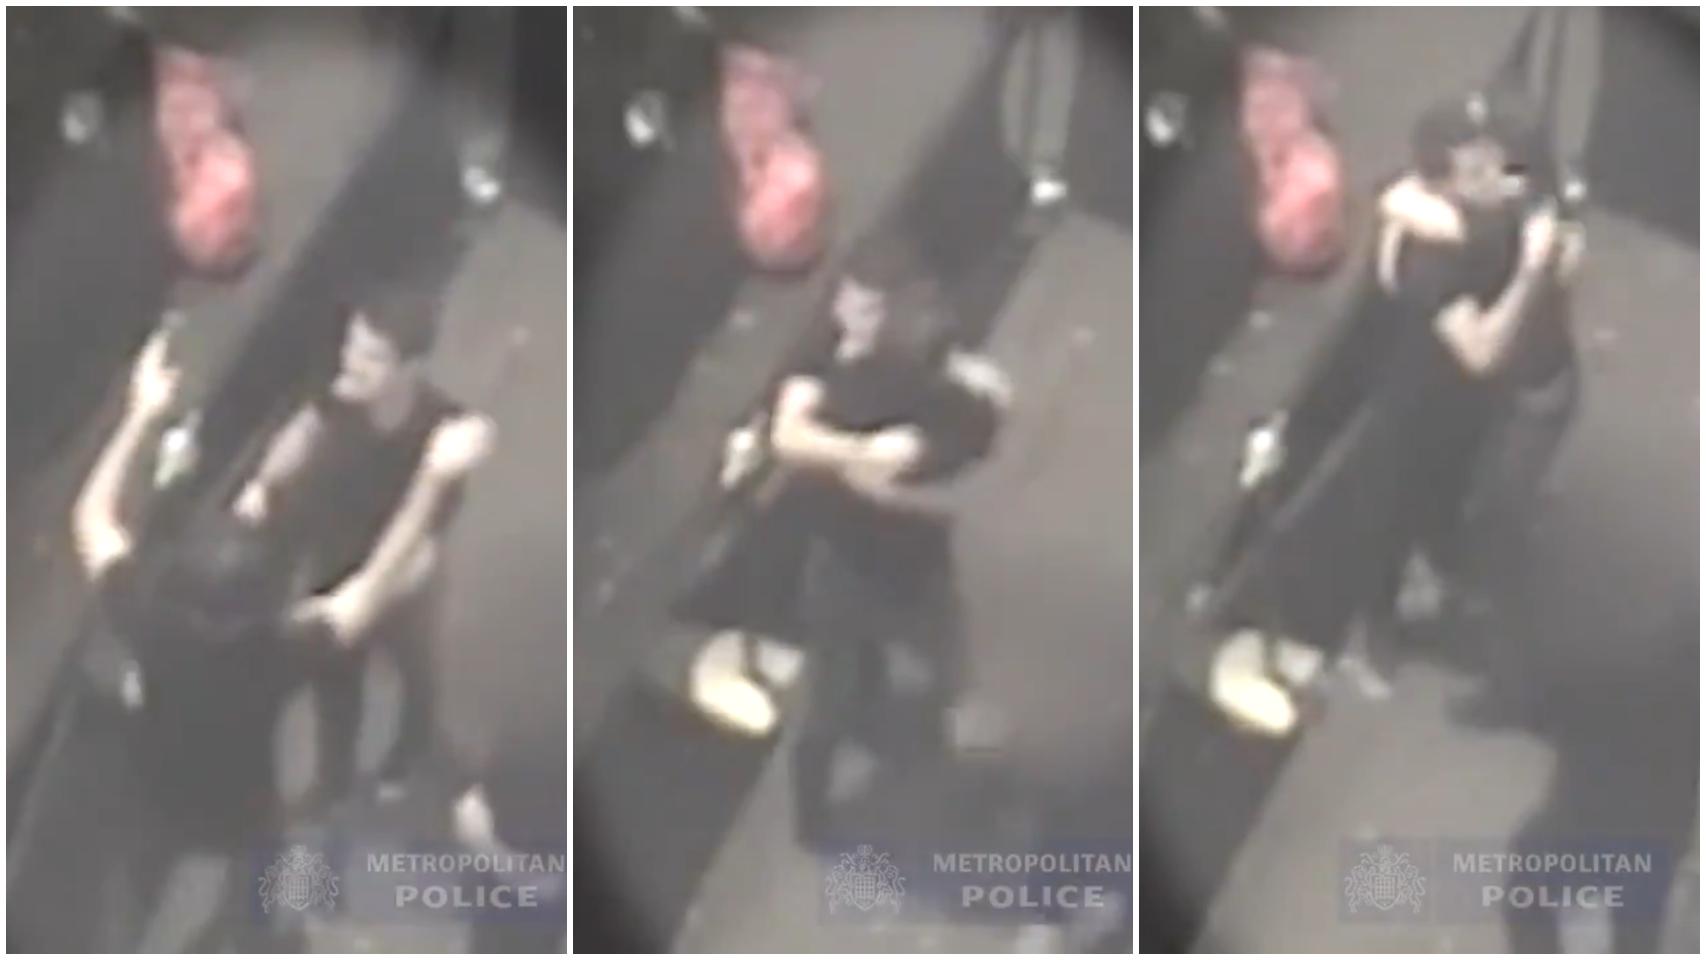 Dos hombres fueron sentenciados a más de siete años de cárcel luego de que agredieran sexualmente a una joven en un bar de Londres